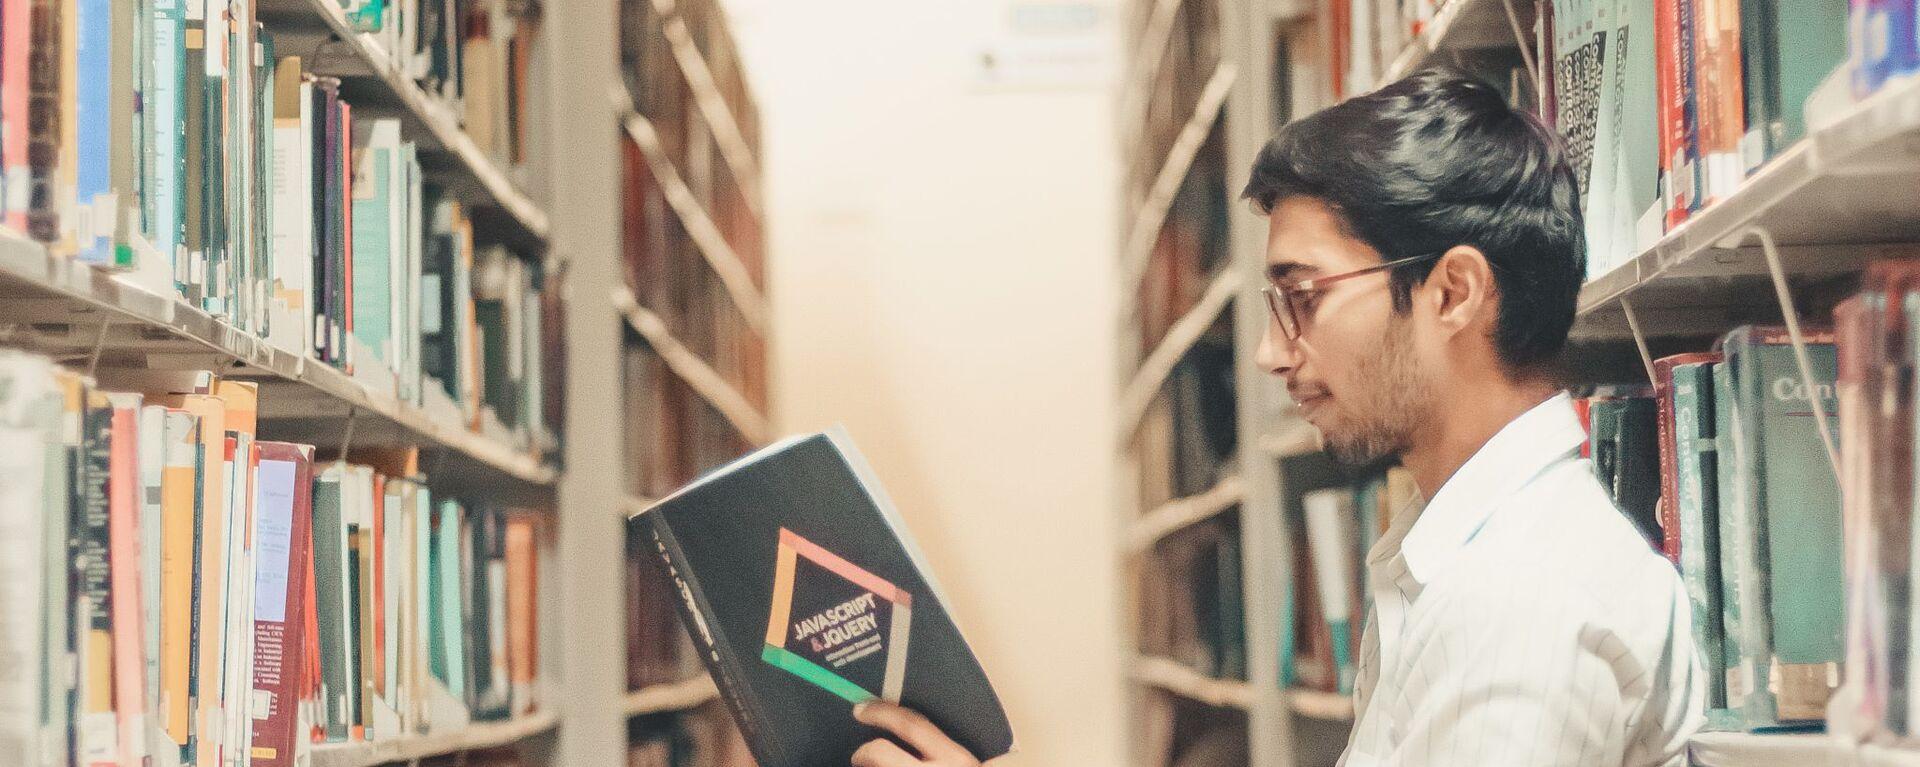 Студент за чтением книги - Sputnik Узбекистан, 1920, 28.01.2021